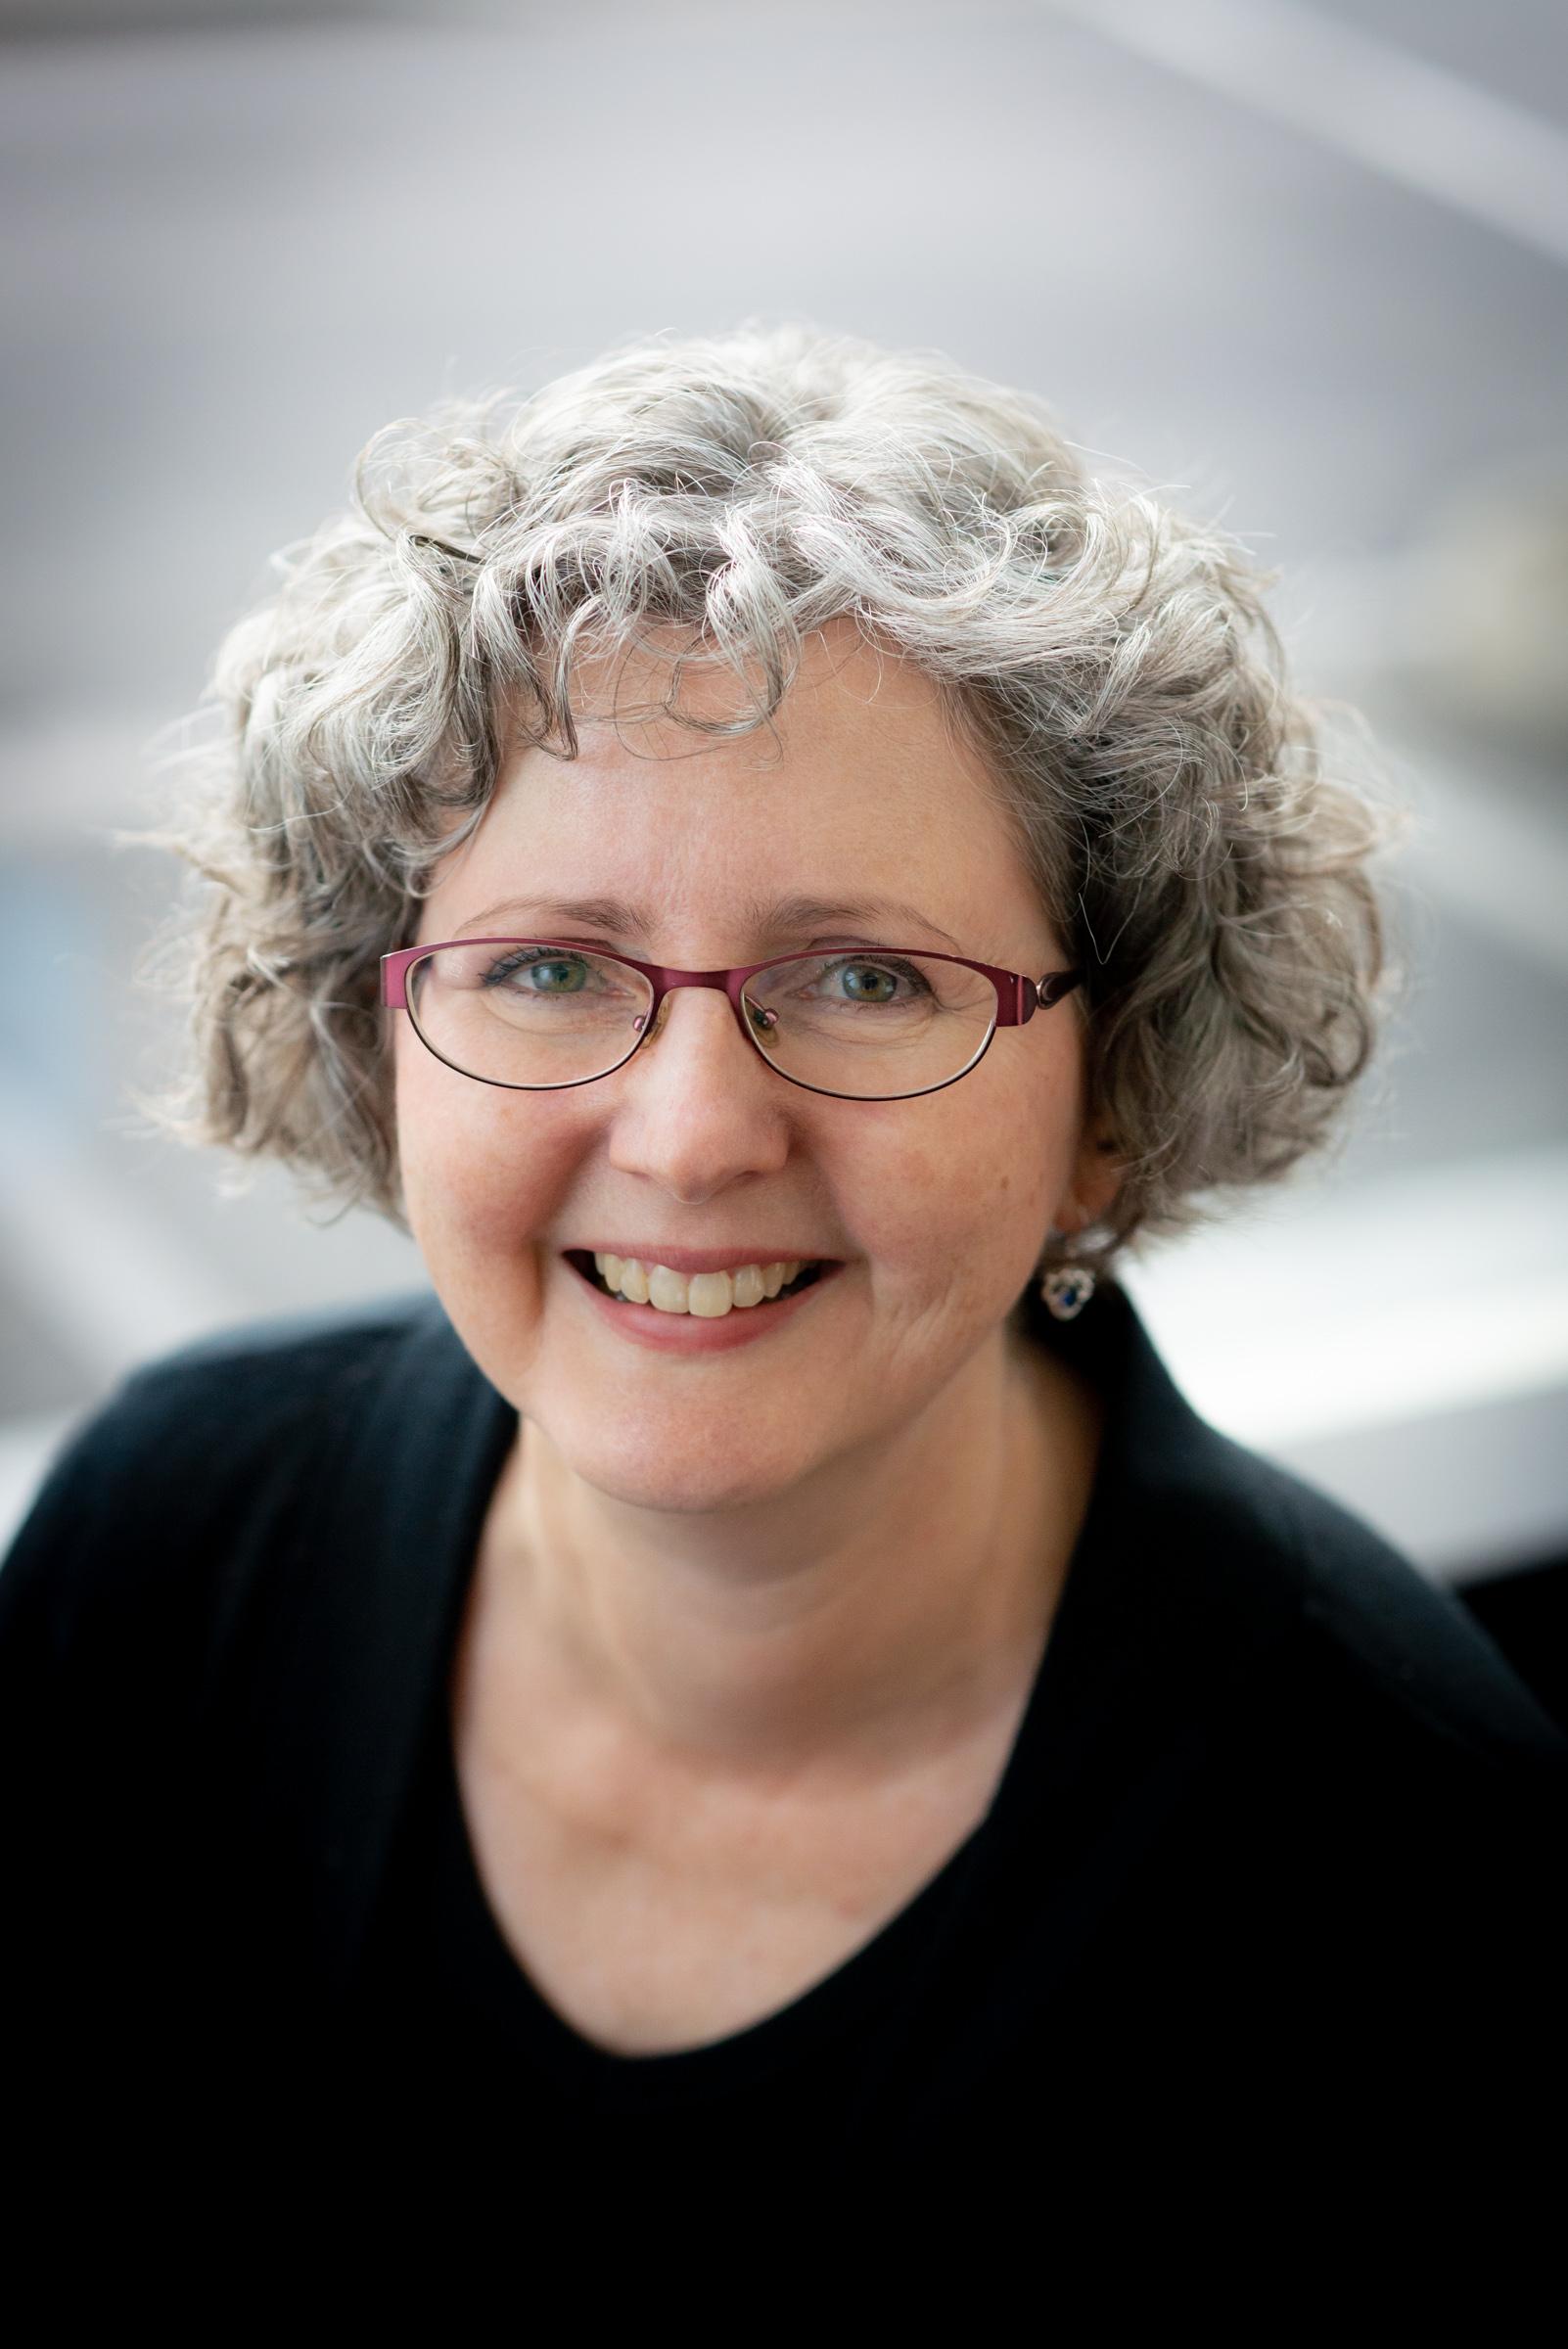 Belinda Poll